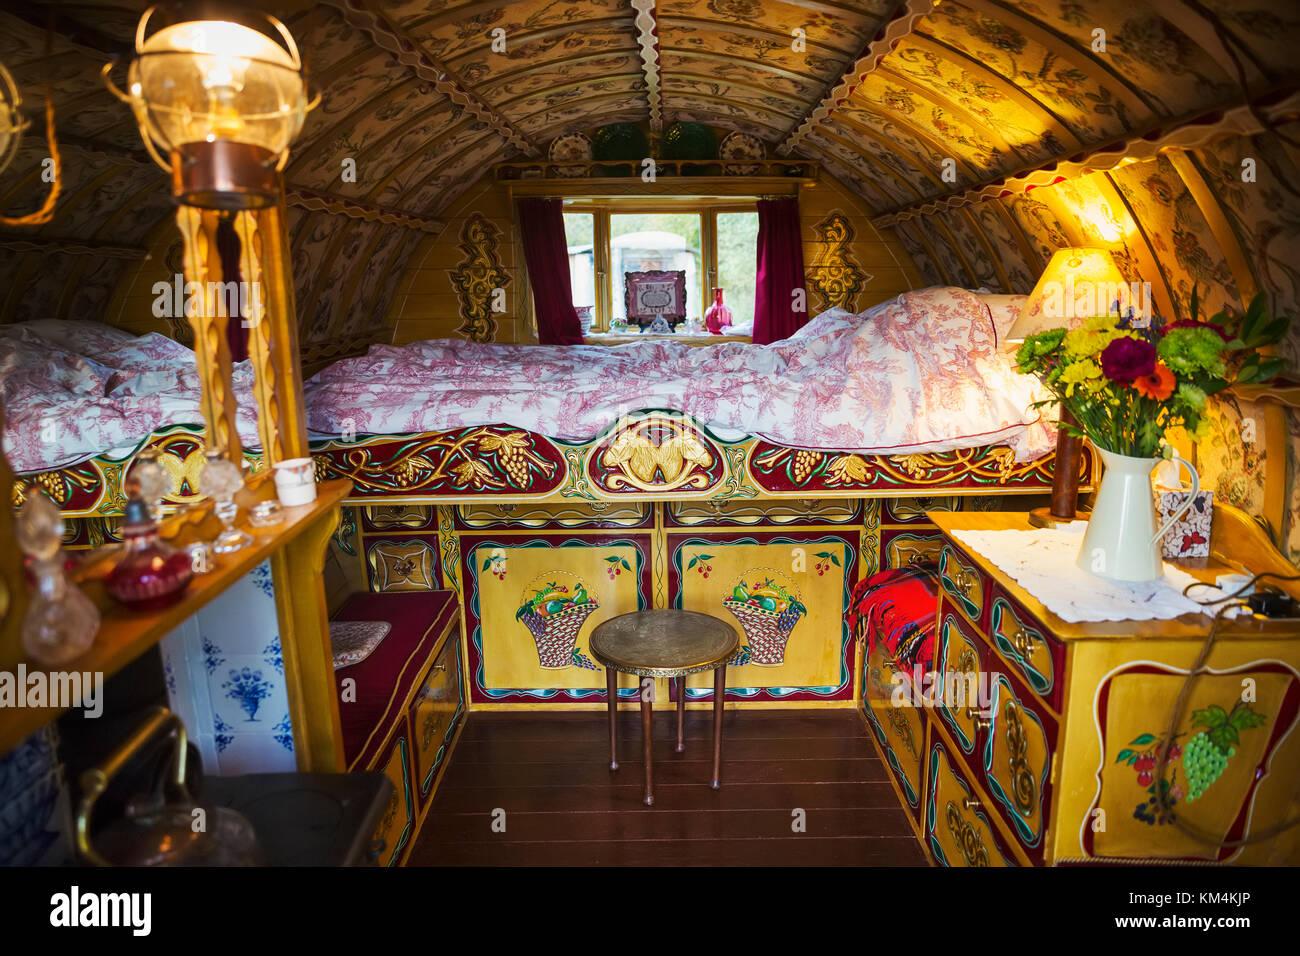 Das Innere eines traditionellen Gypsy Caravan mit angehobener ...